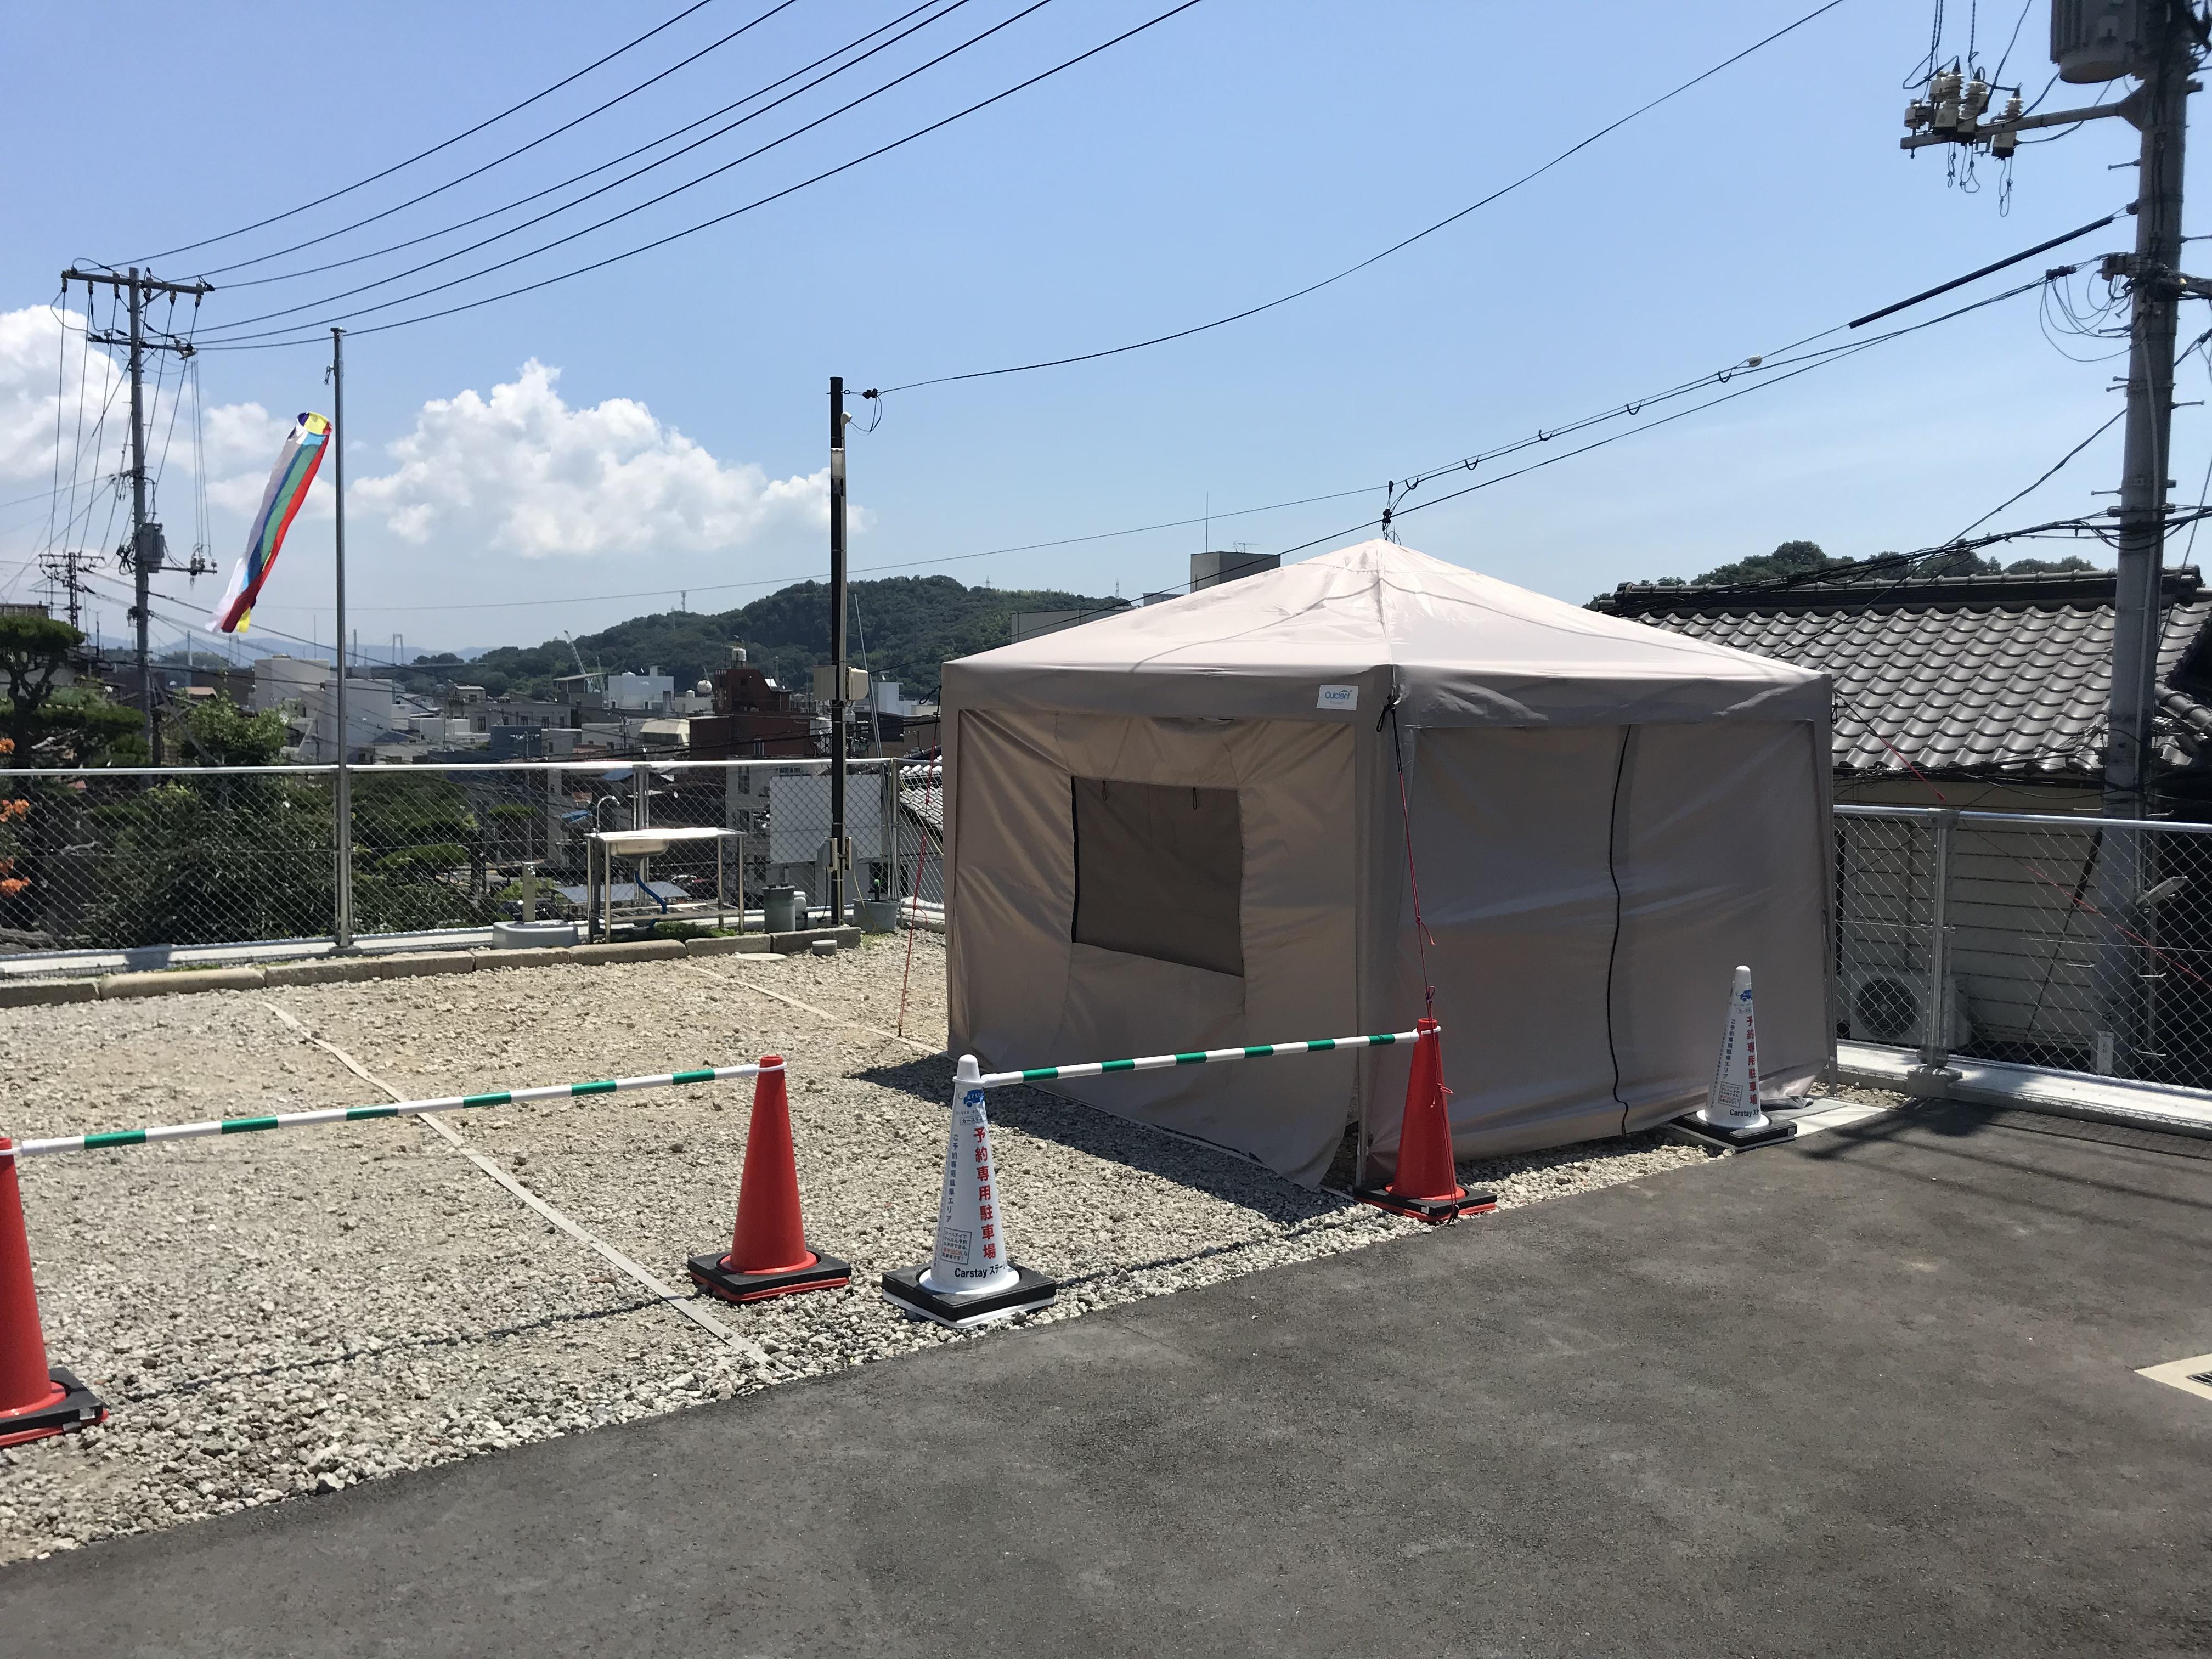 ジャリ敷駐車場の南側フェンスから車室2台分がステーションスペースです。